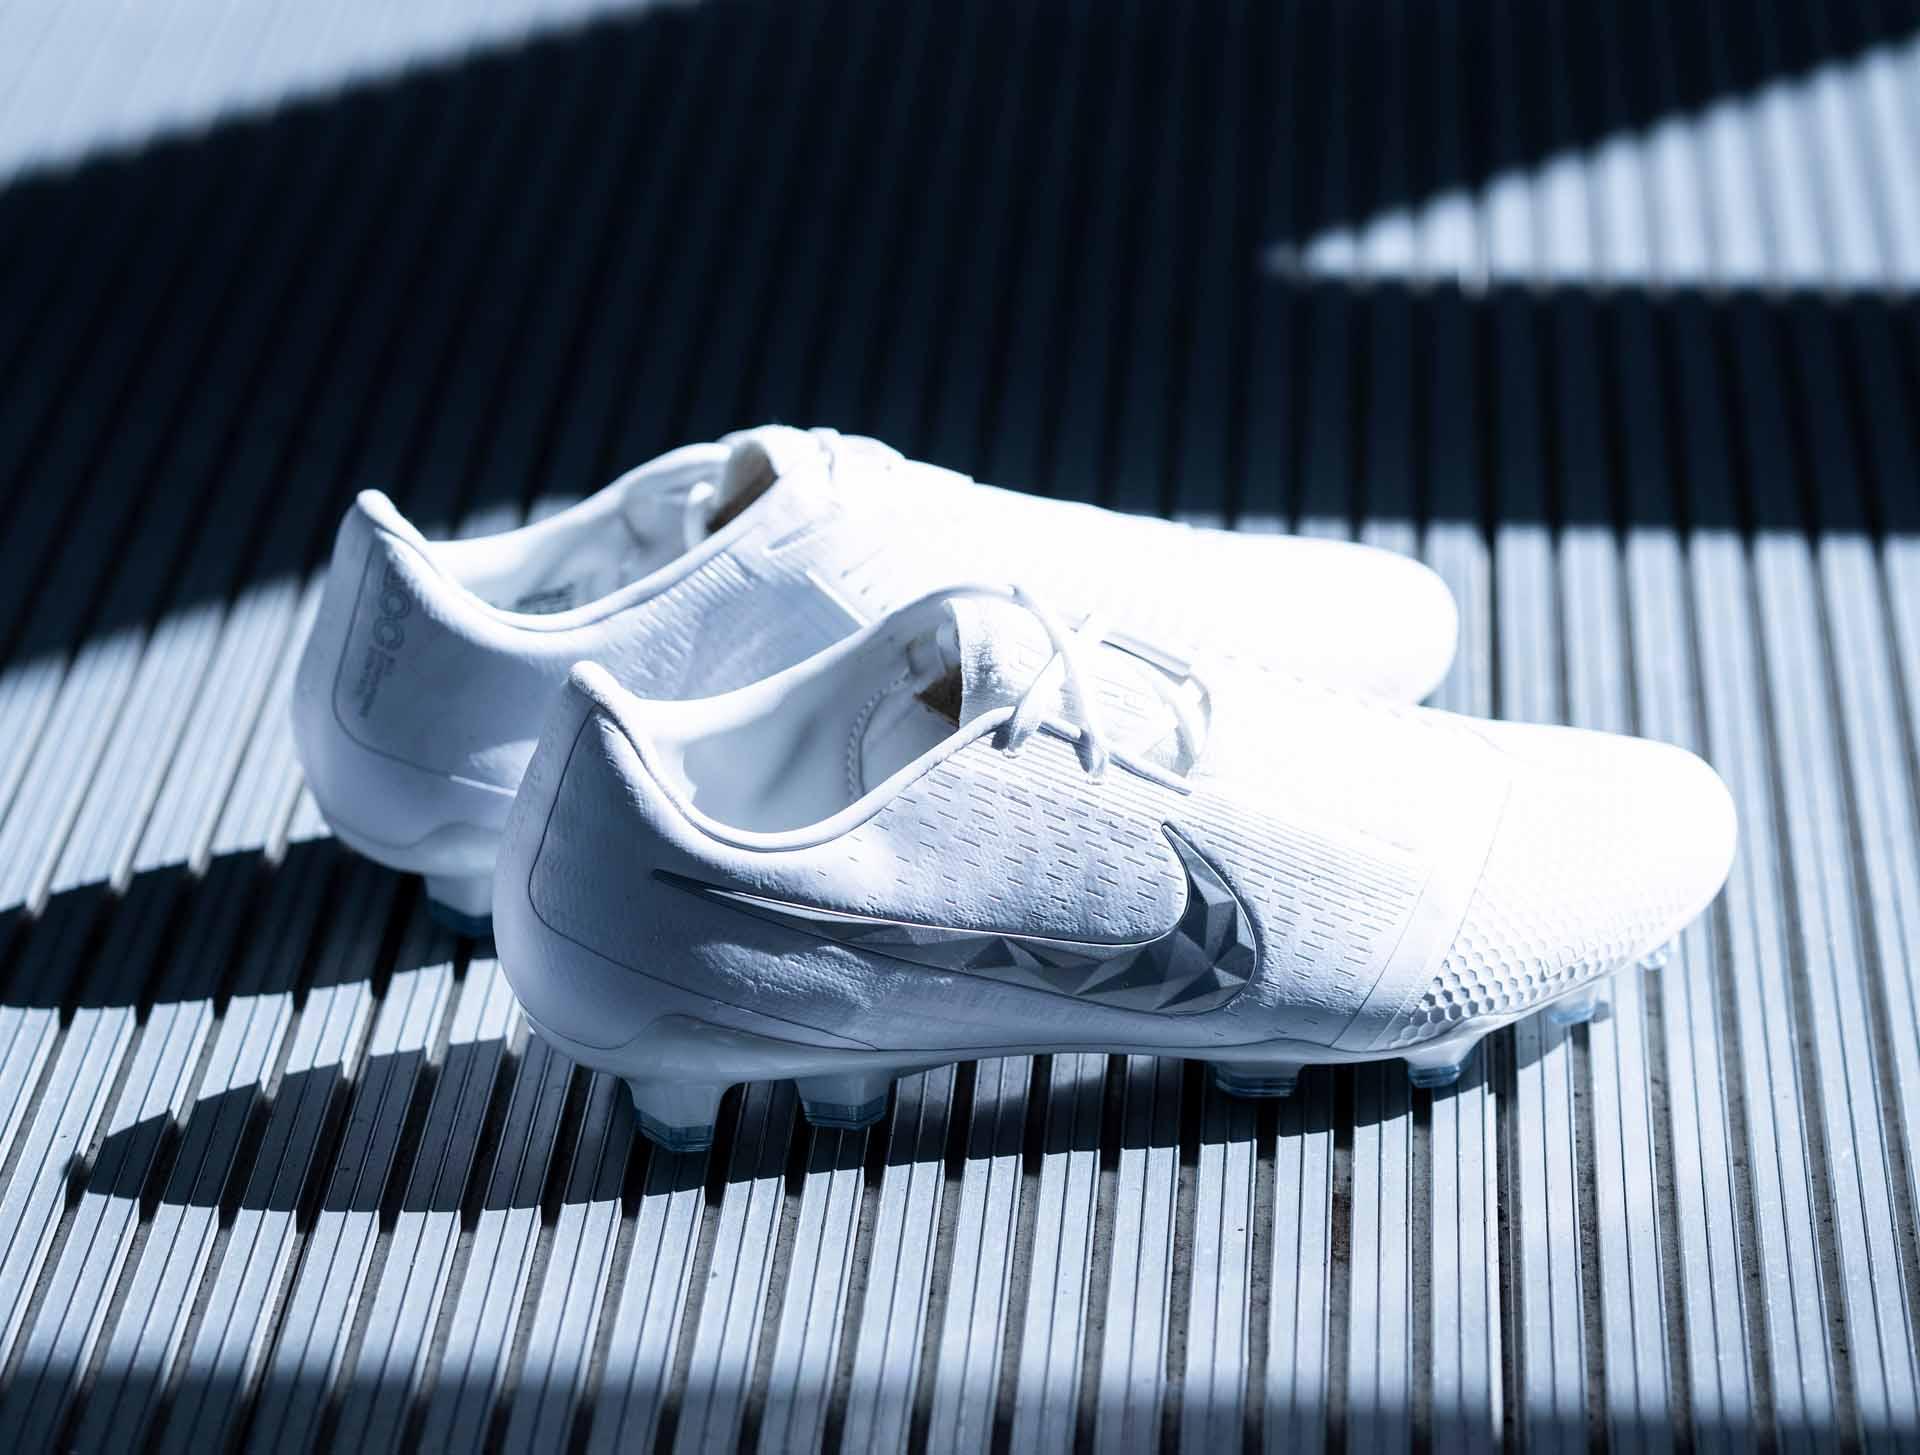 Giày Nike Phantom Venom Nuovo White pack là dòng giày hỗ trợ sút bóng thường được các tiền đạo sử dụng